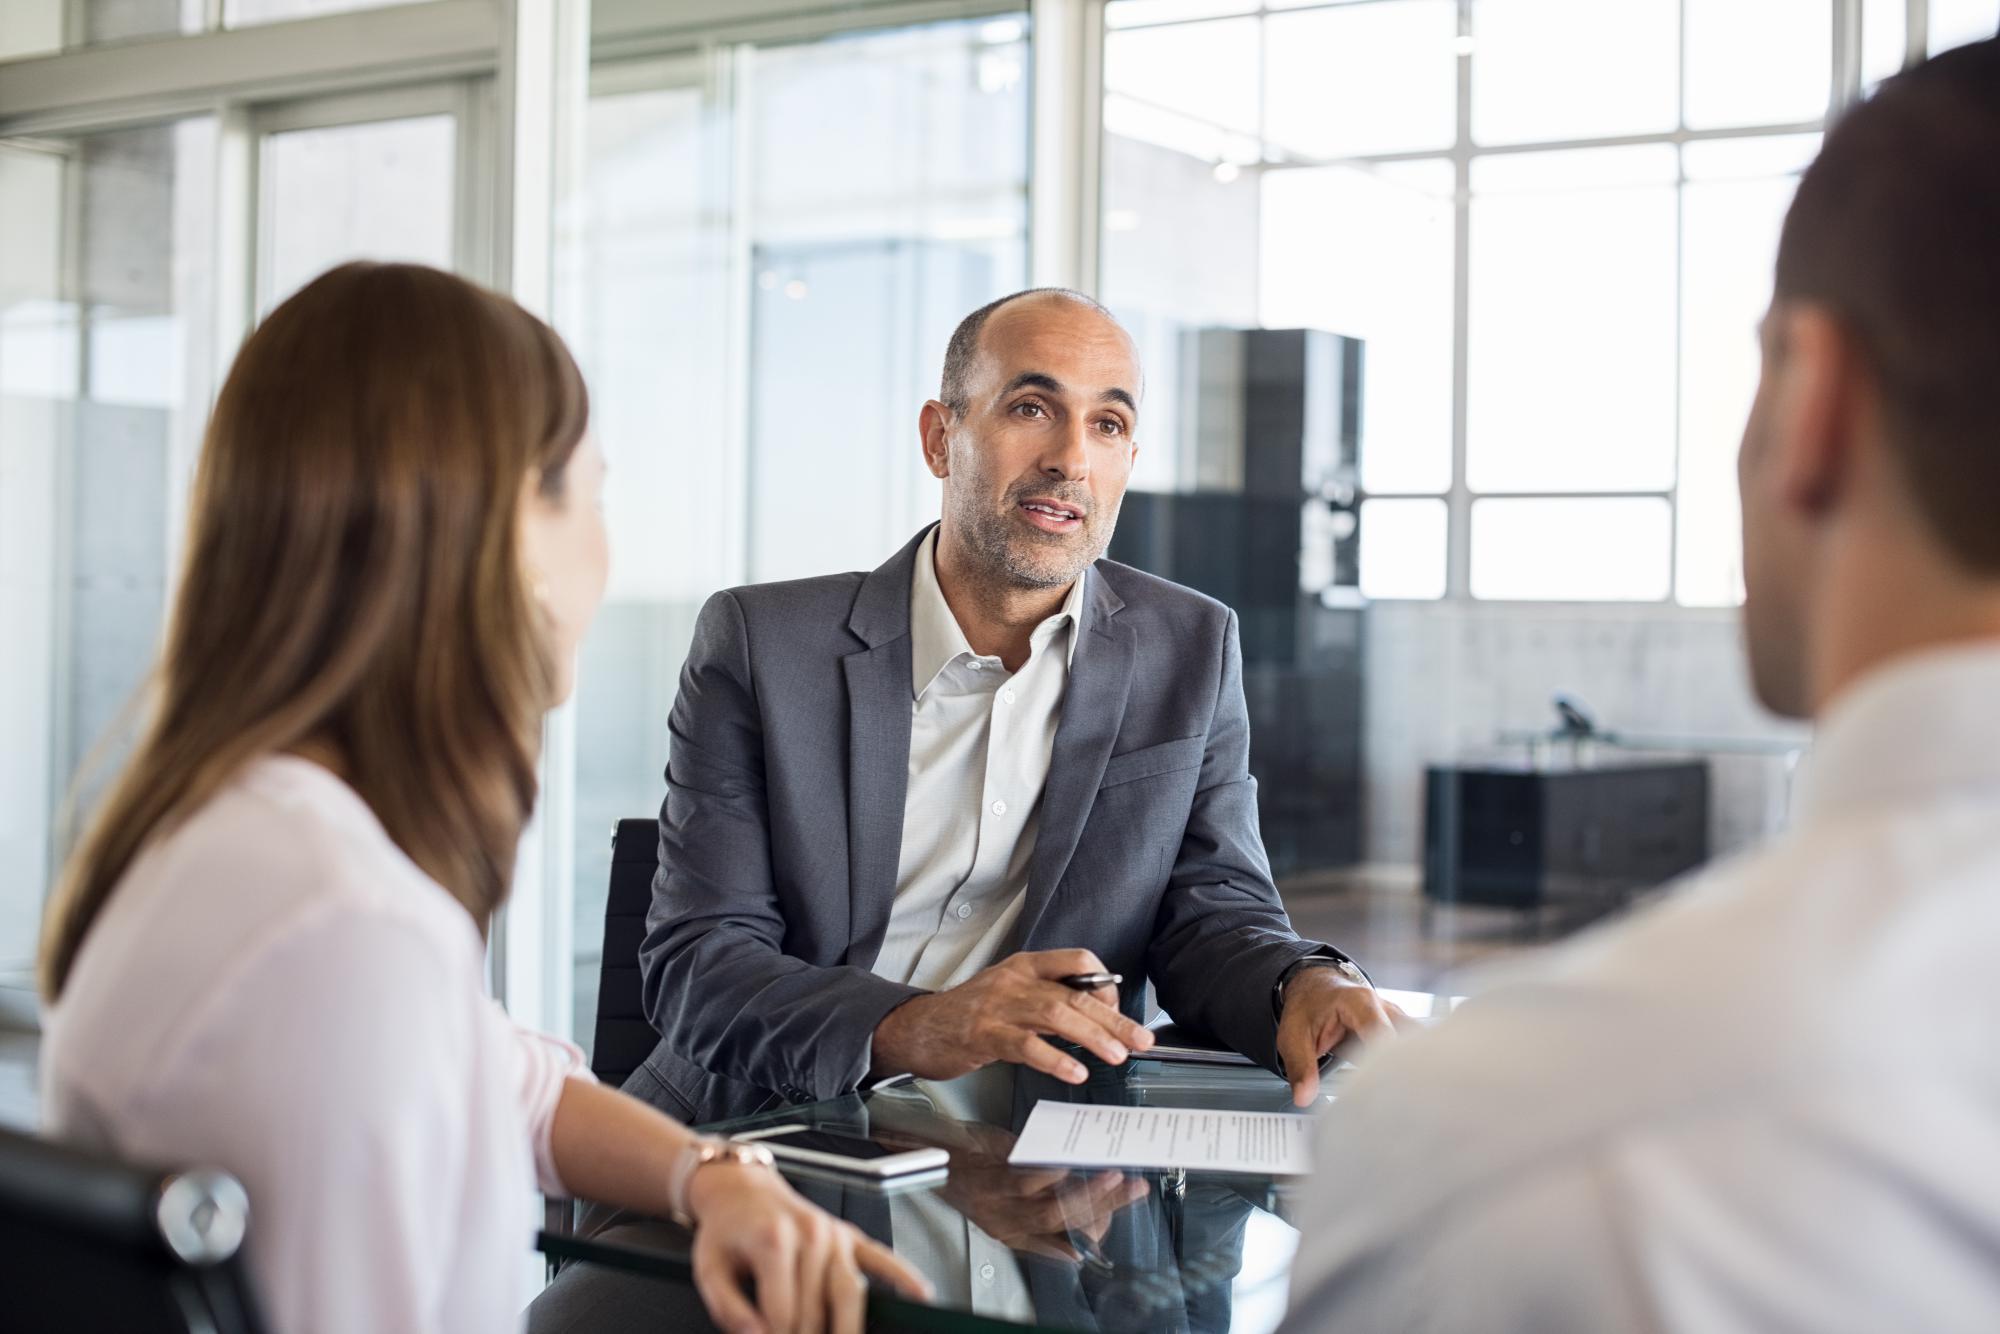 Агент вправе совершить сделку в интересах принципала только после заключения агентского договора